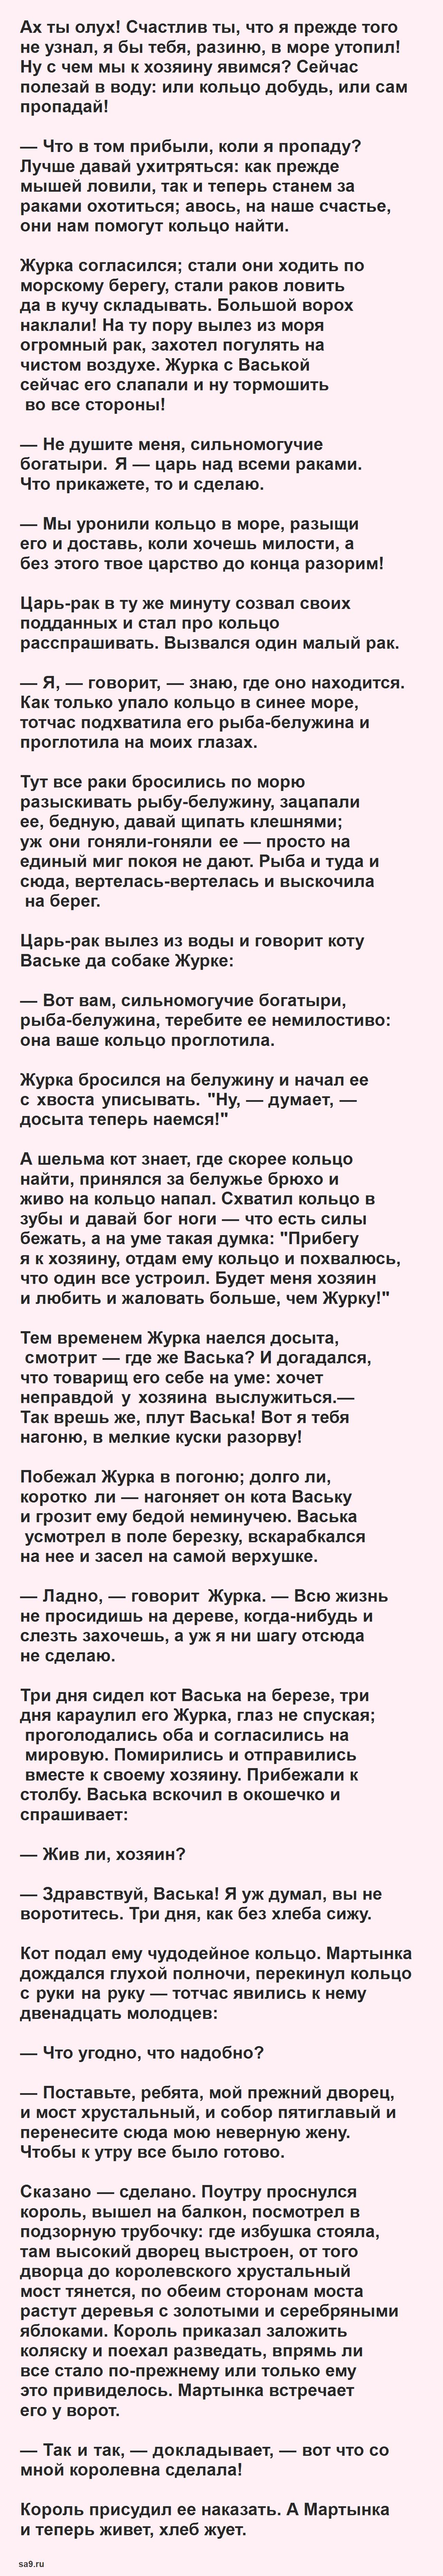 Волшебное кольцо - русская народная сказка, читать полностью